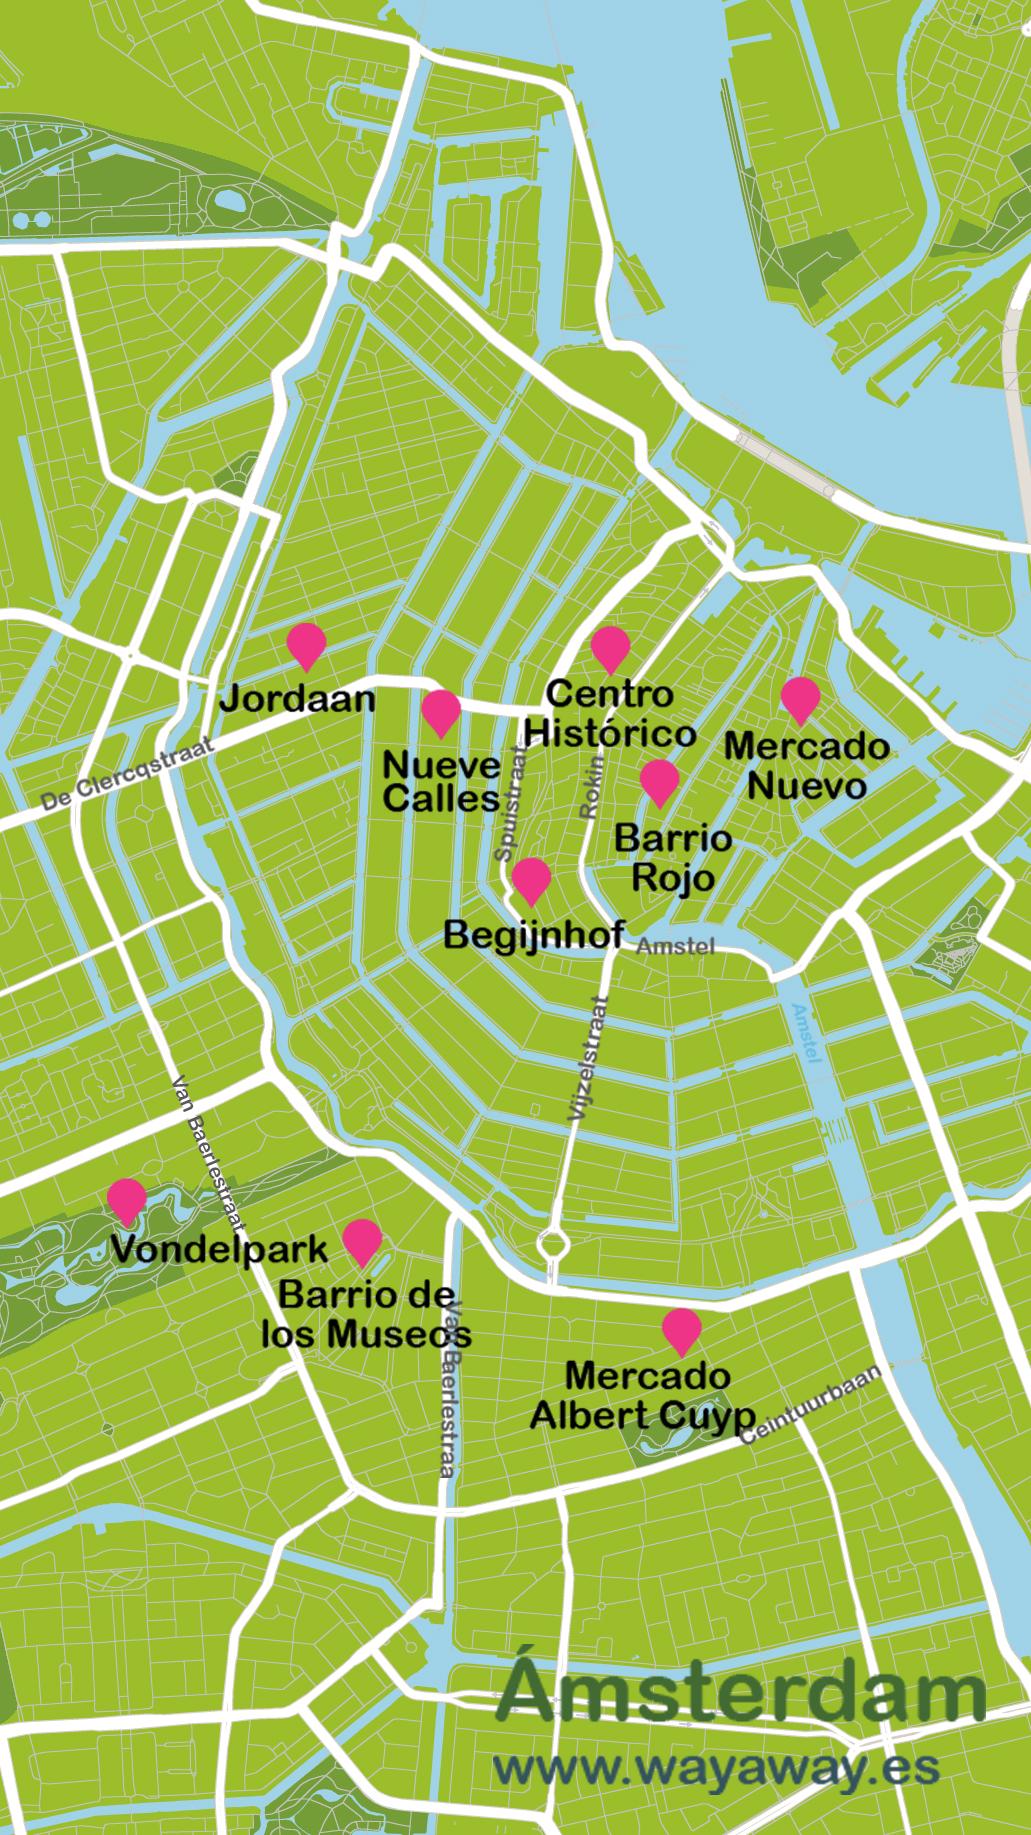 Mapa de Amsterdam #onlyes